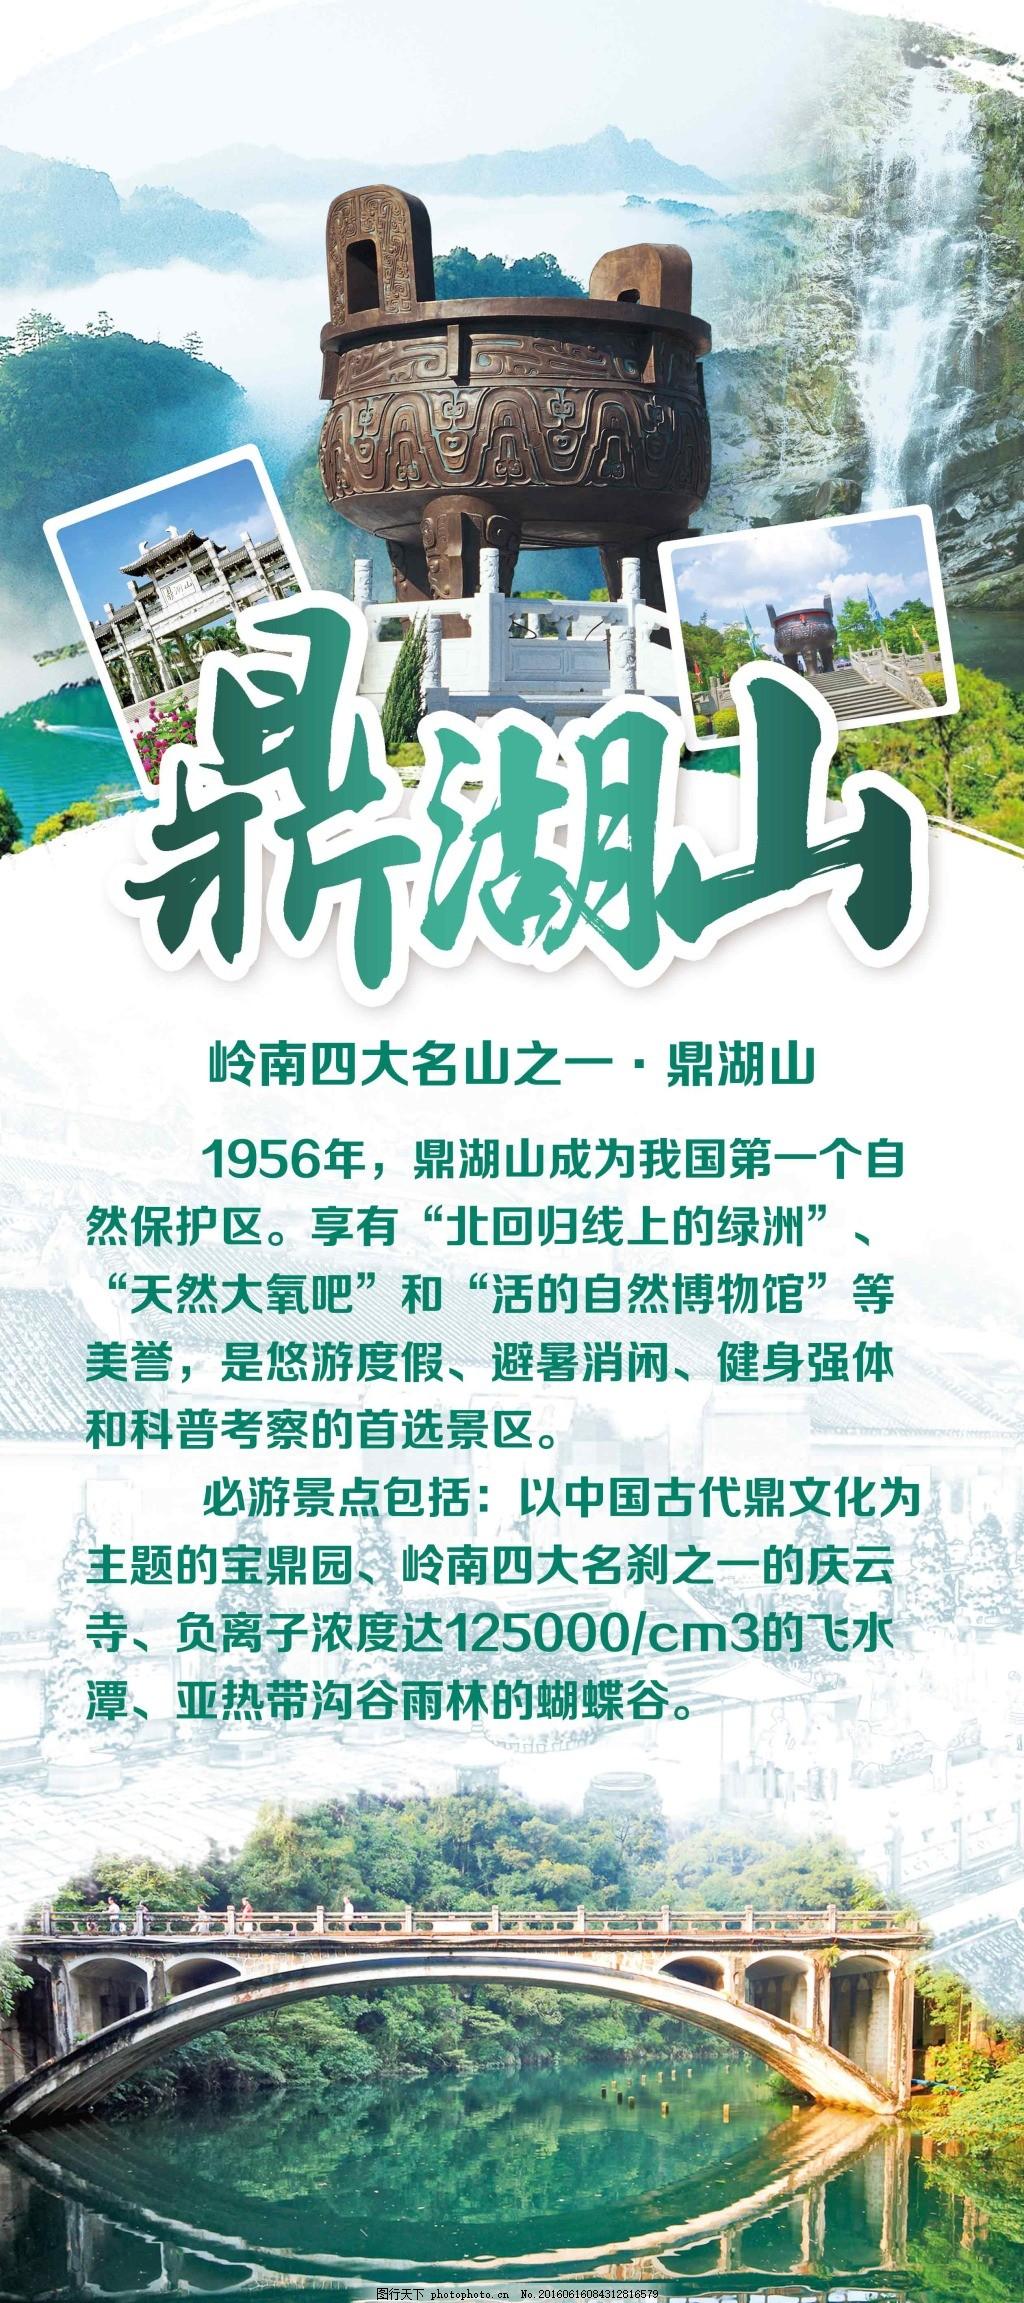 鼎湖山展架 肇庆 飞水潭 岭南 山水 桥 湖水 风景 景区 庆云寺